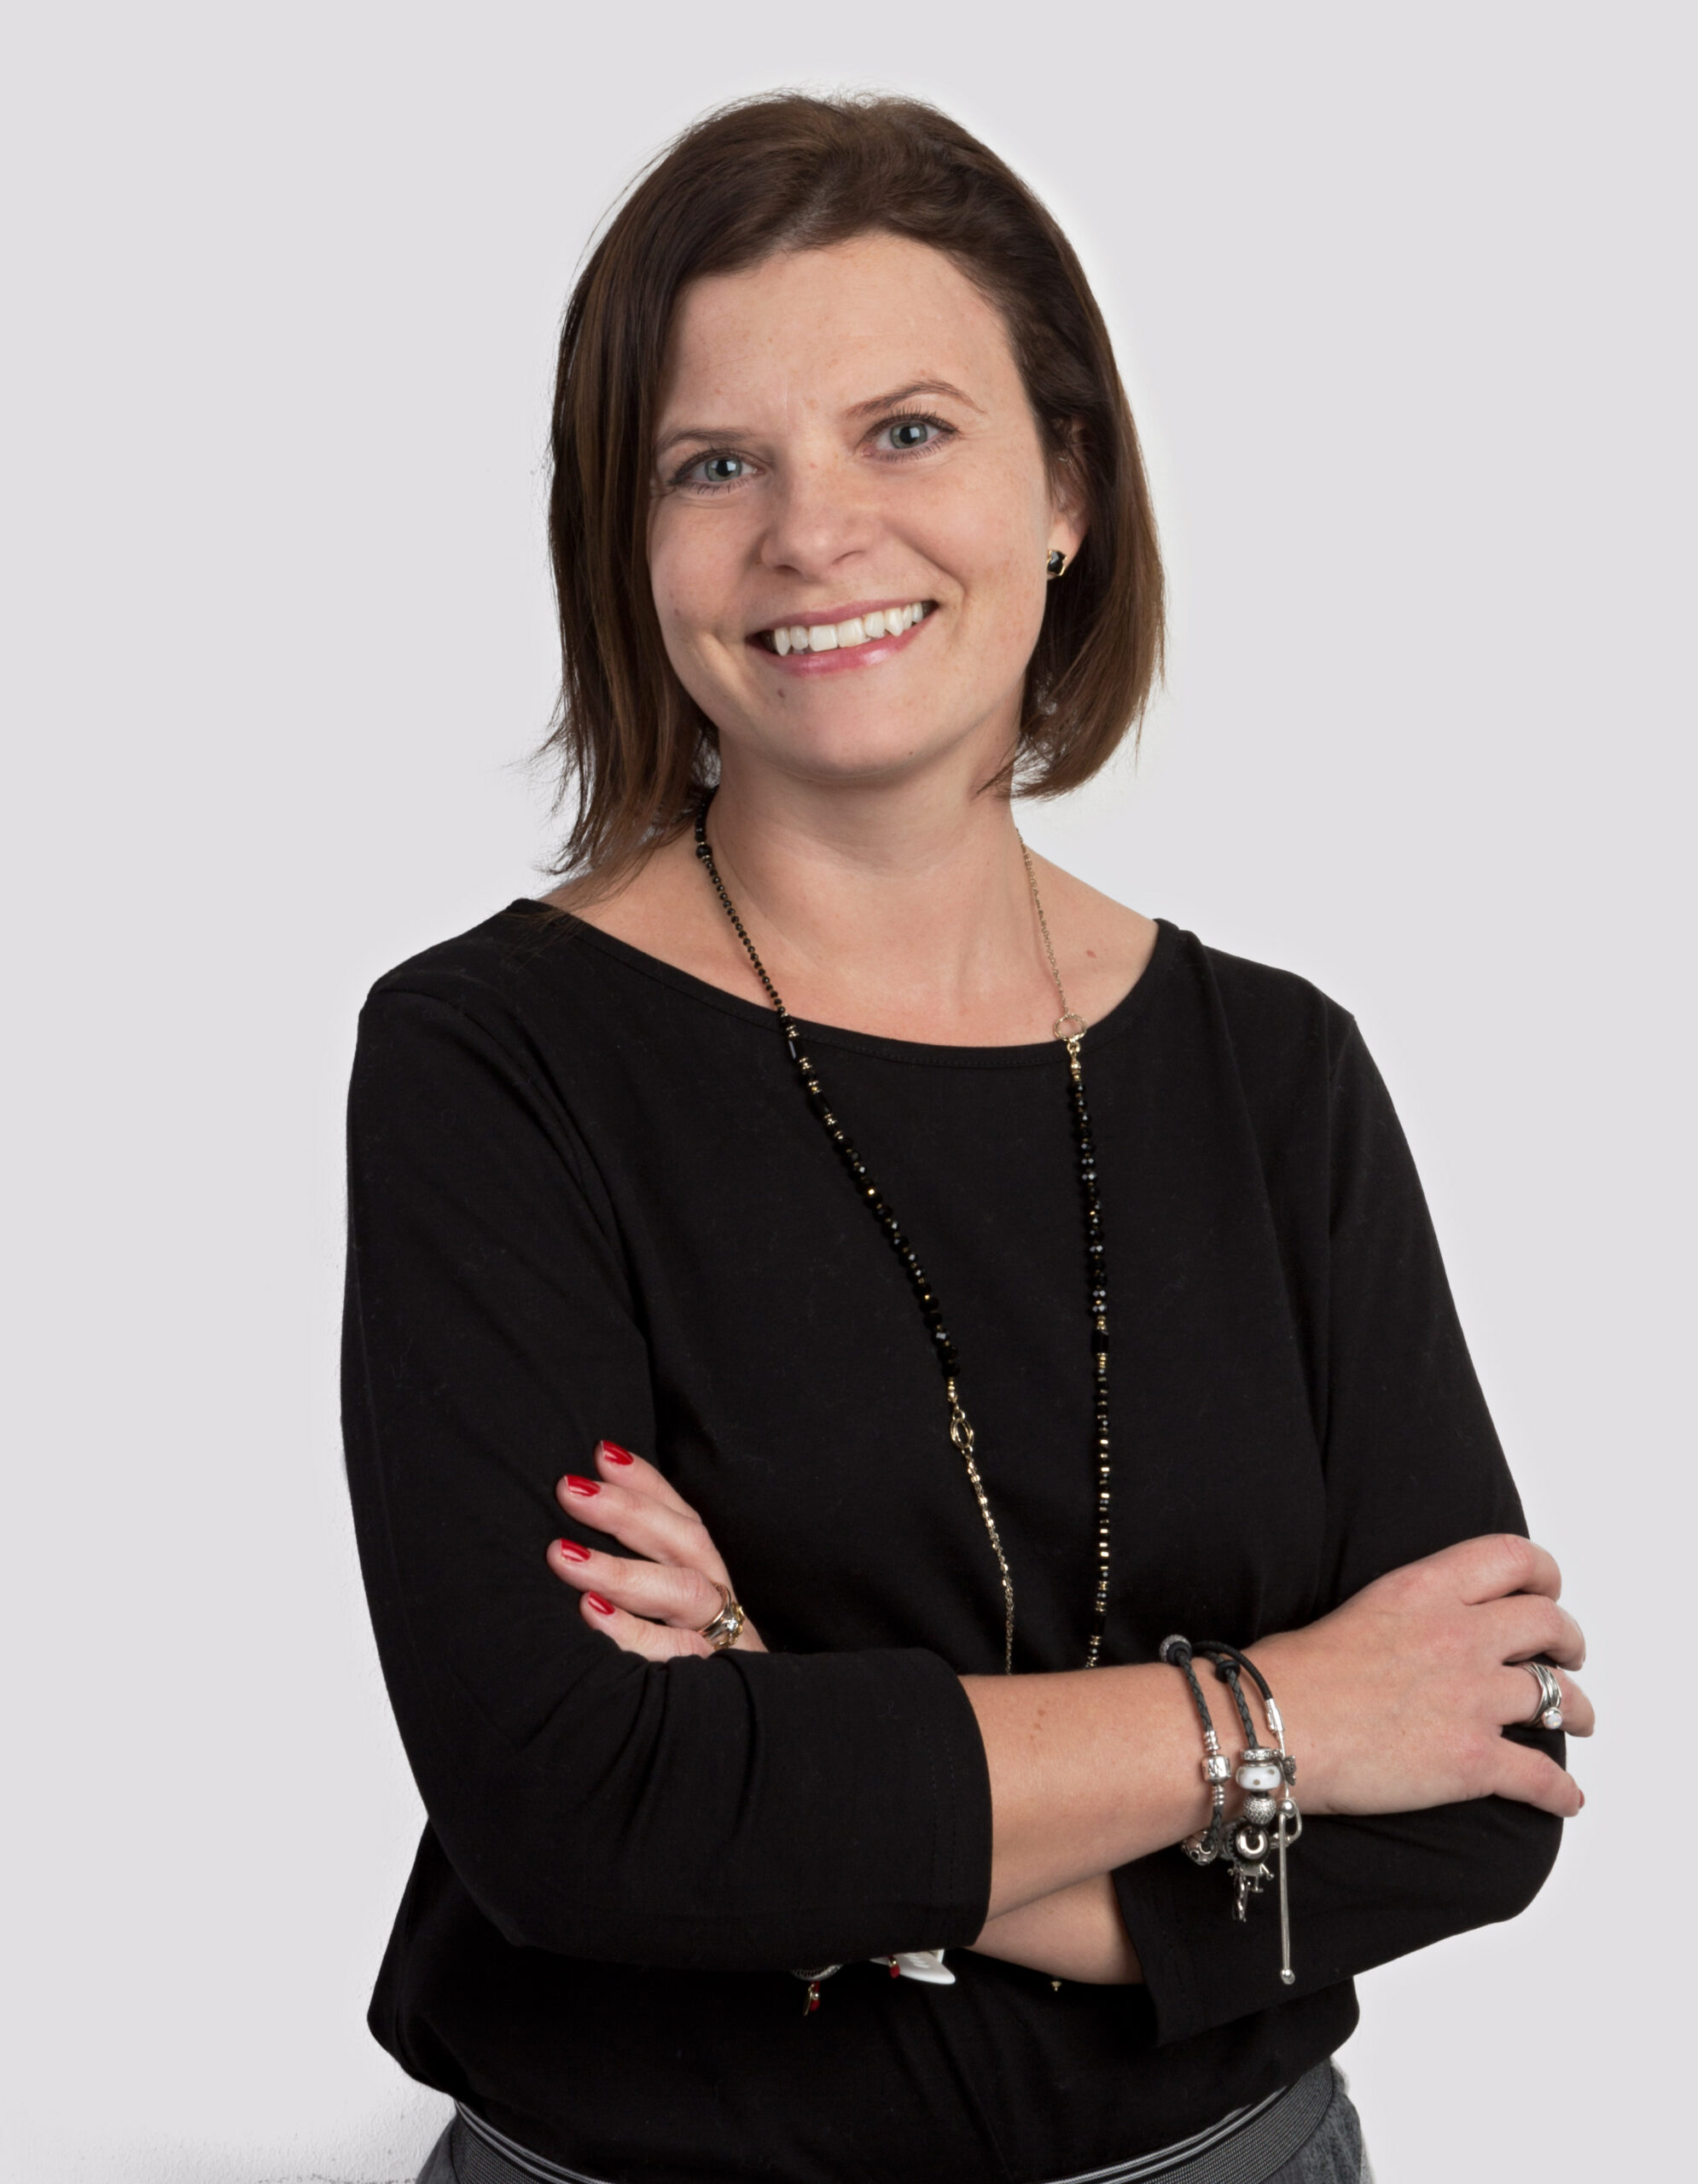 Joanna Chybowska-Kaczmarek